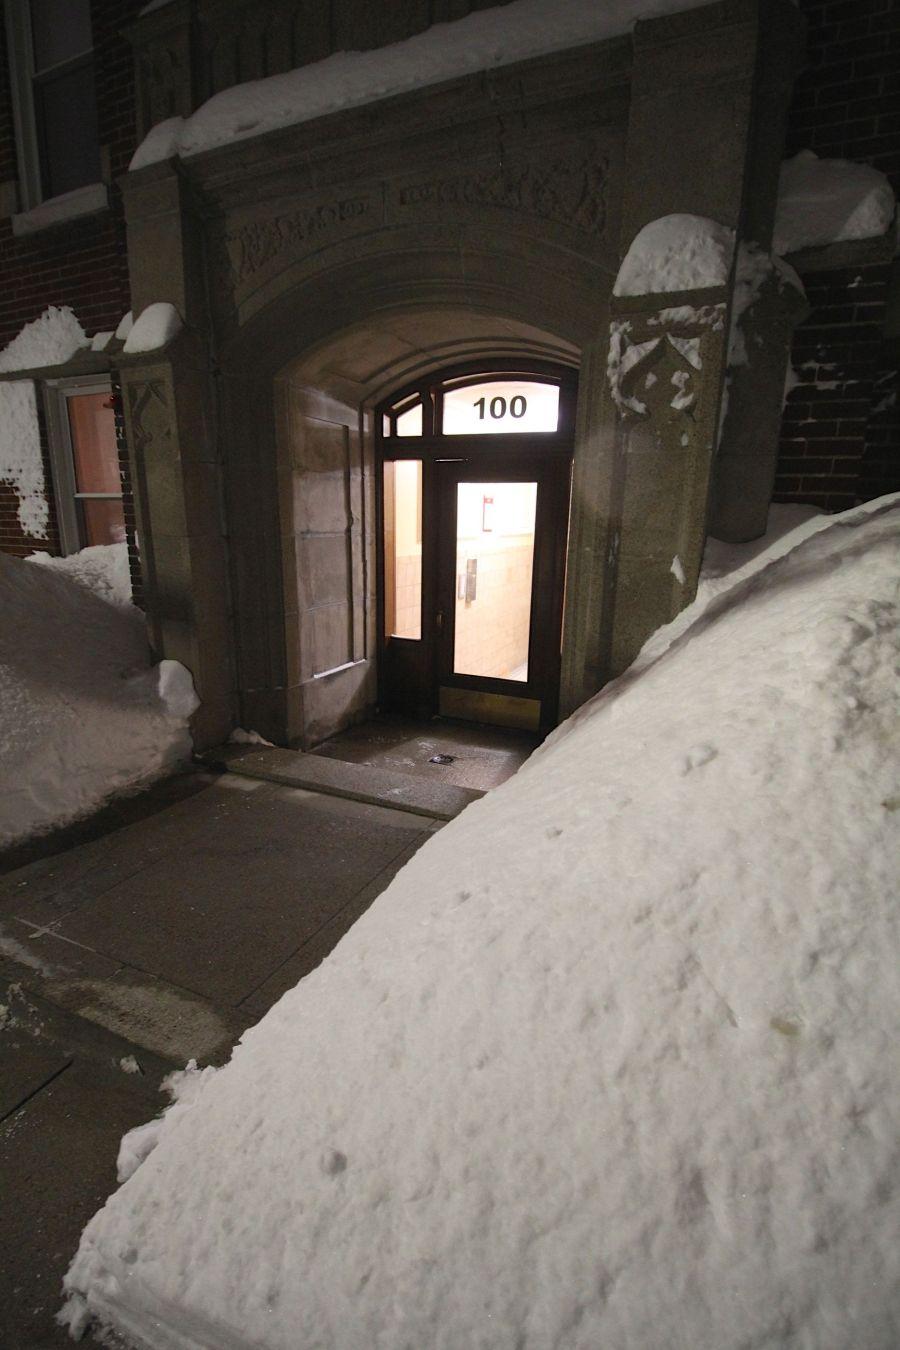 boston allston snow storm february 10 2015 11